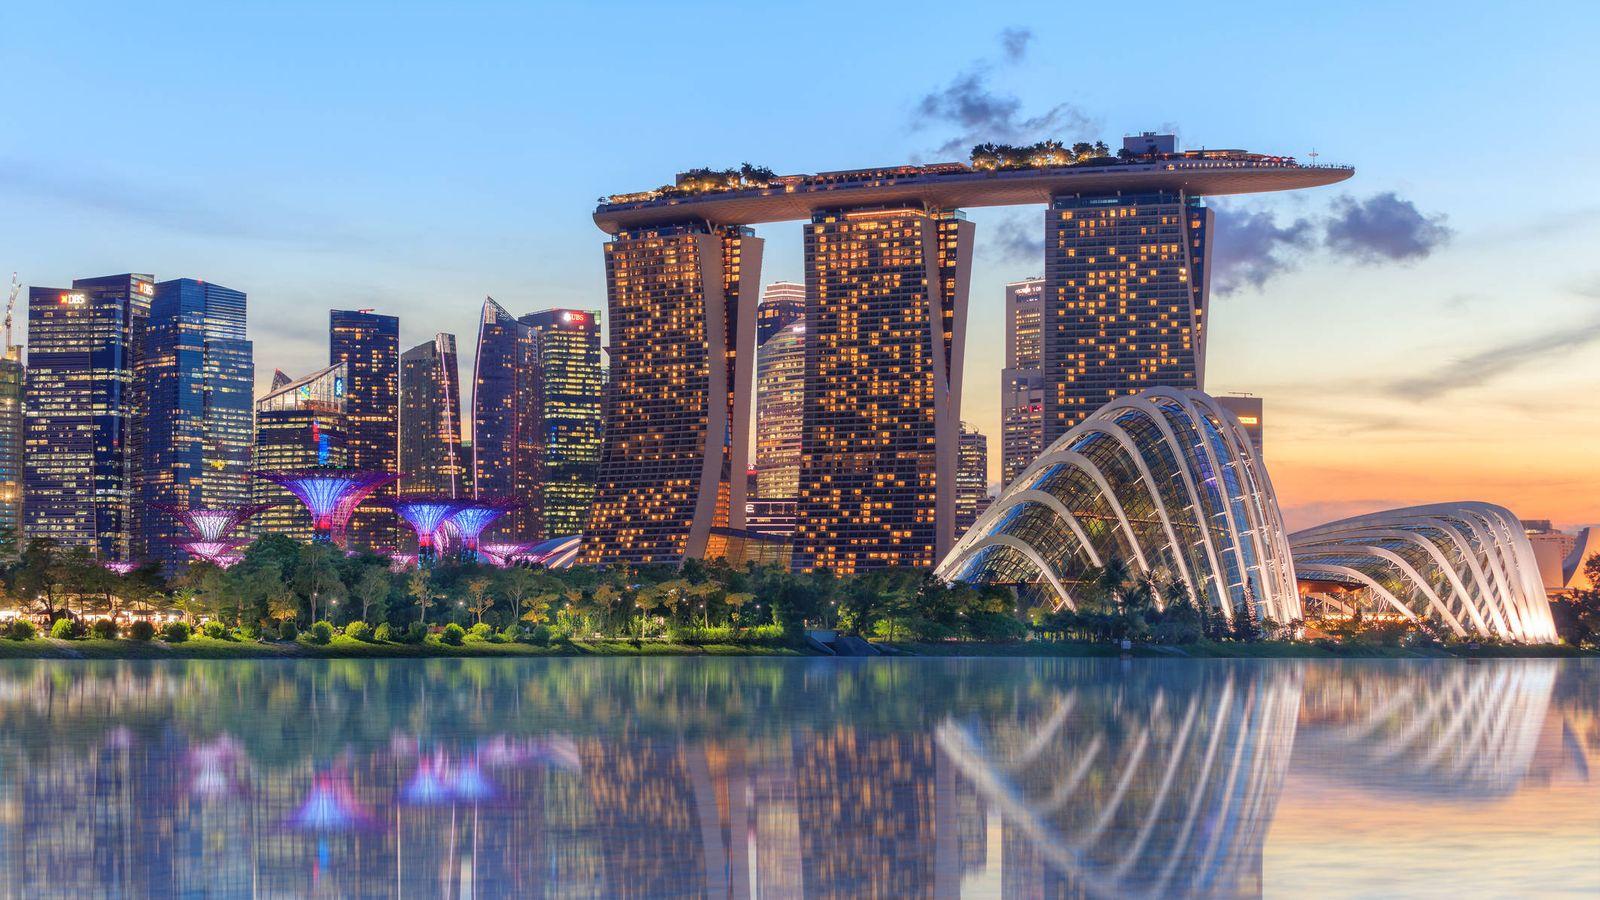 Foto: Singapur a punto de anochecer. (iStock)